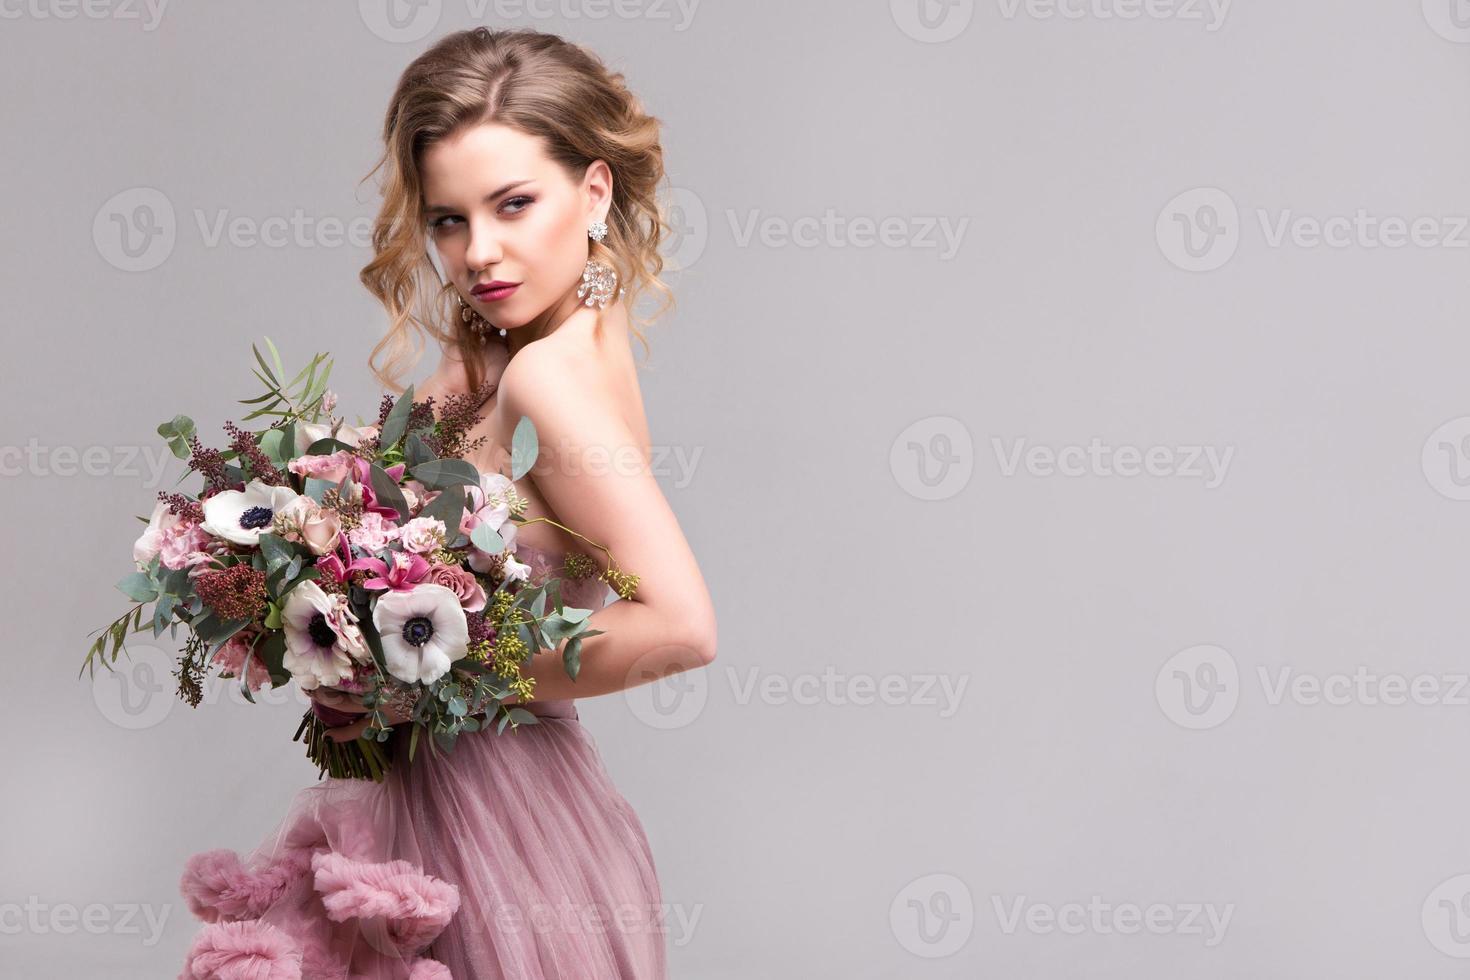 Porträt einer schönen Frau mit einem Blumenstrauß. foto